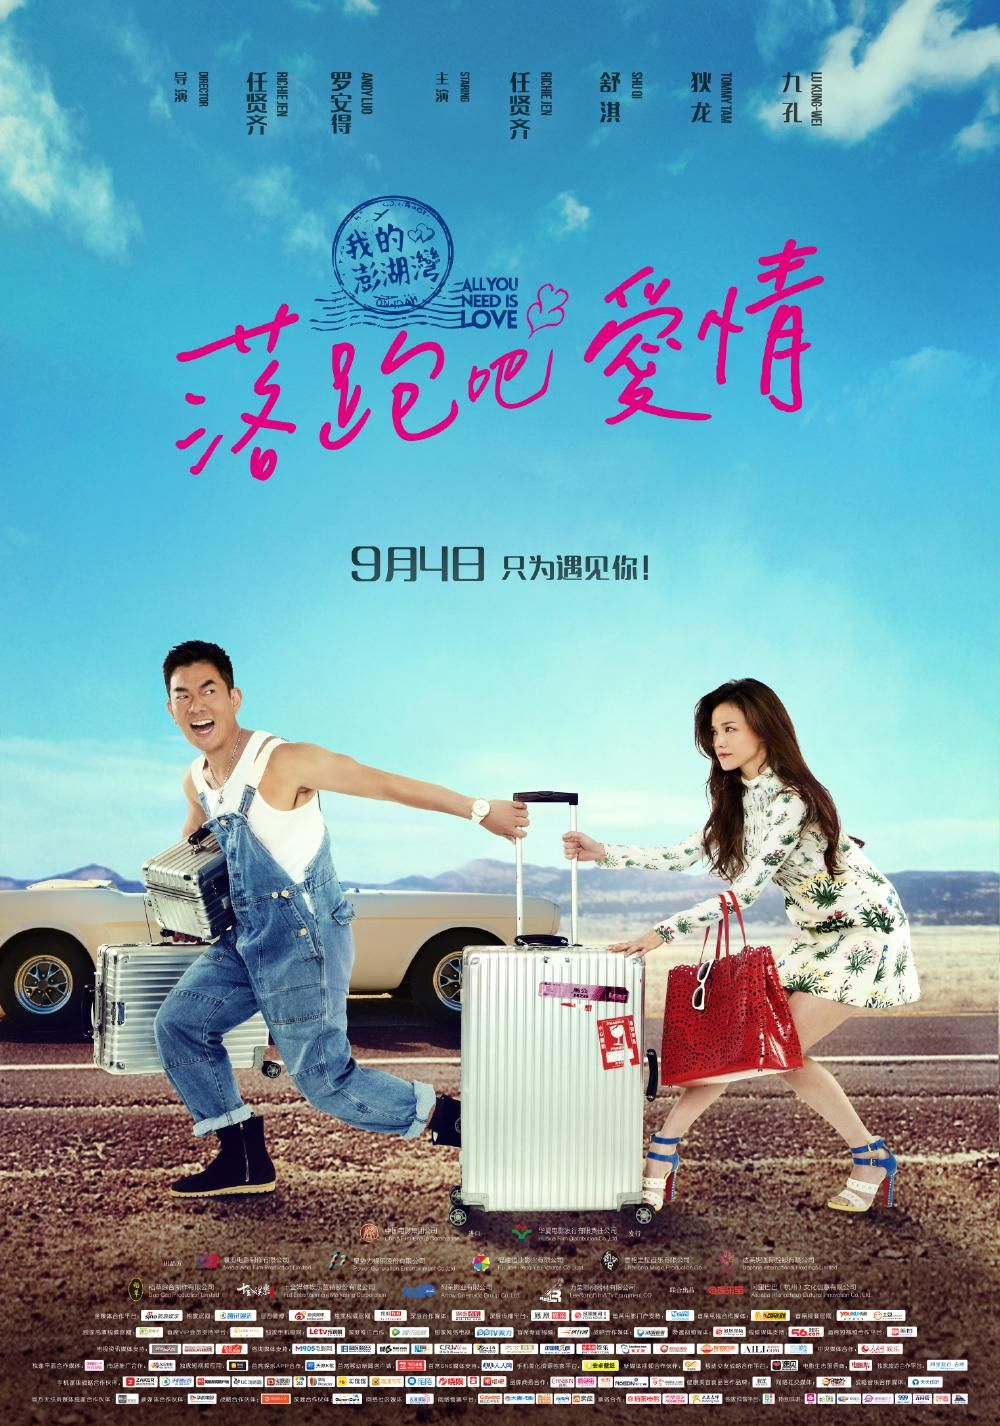 落跑吧爱情 落跑吧愛情 (2015)  |   BT分享-中国最大的电影种子分享平台